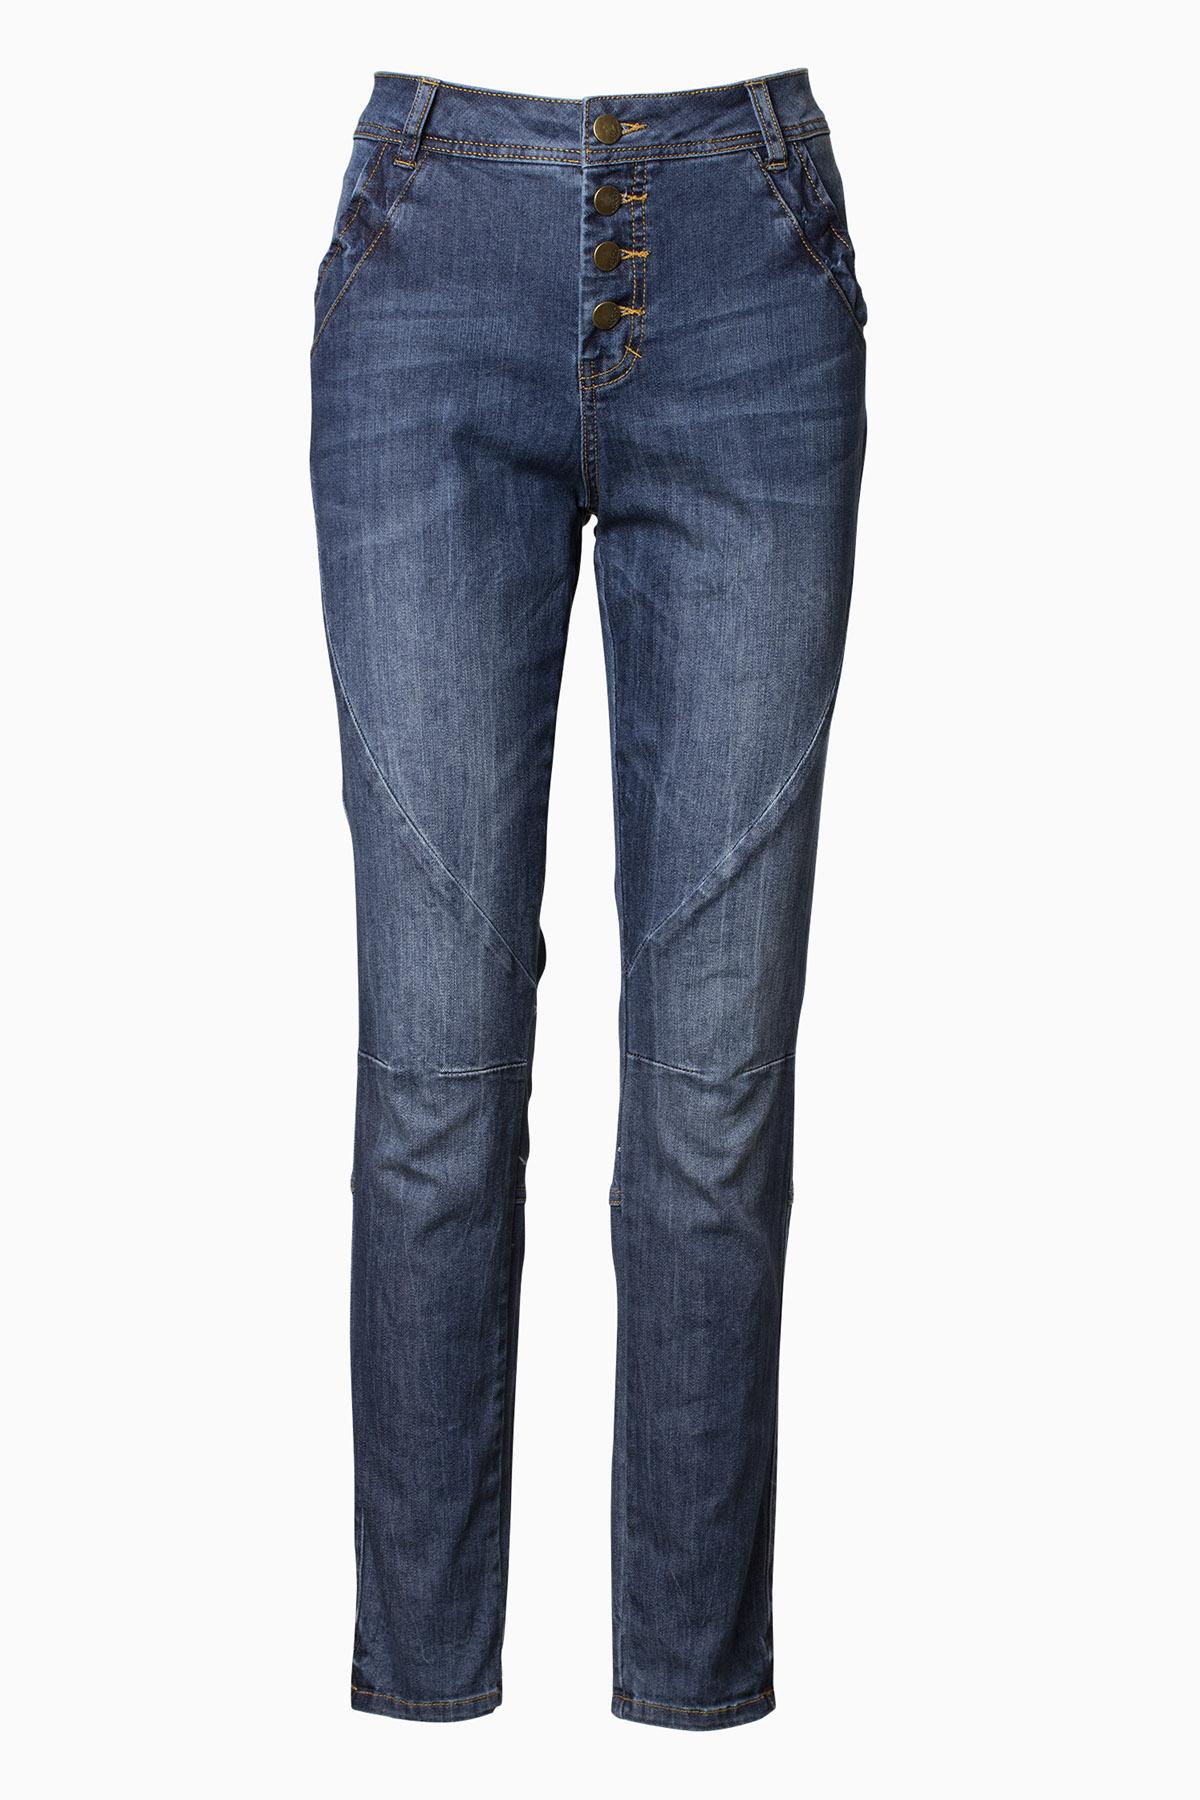 Marineblå Jeans fra Bon'A Parte – Køb Marineblå Jeans fra str. 34-54 her